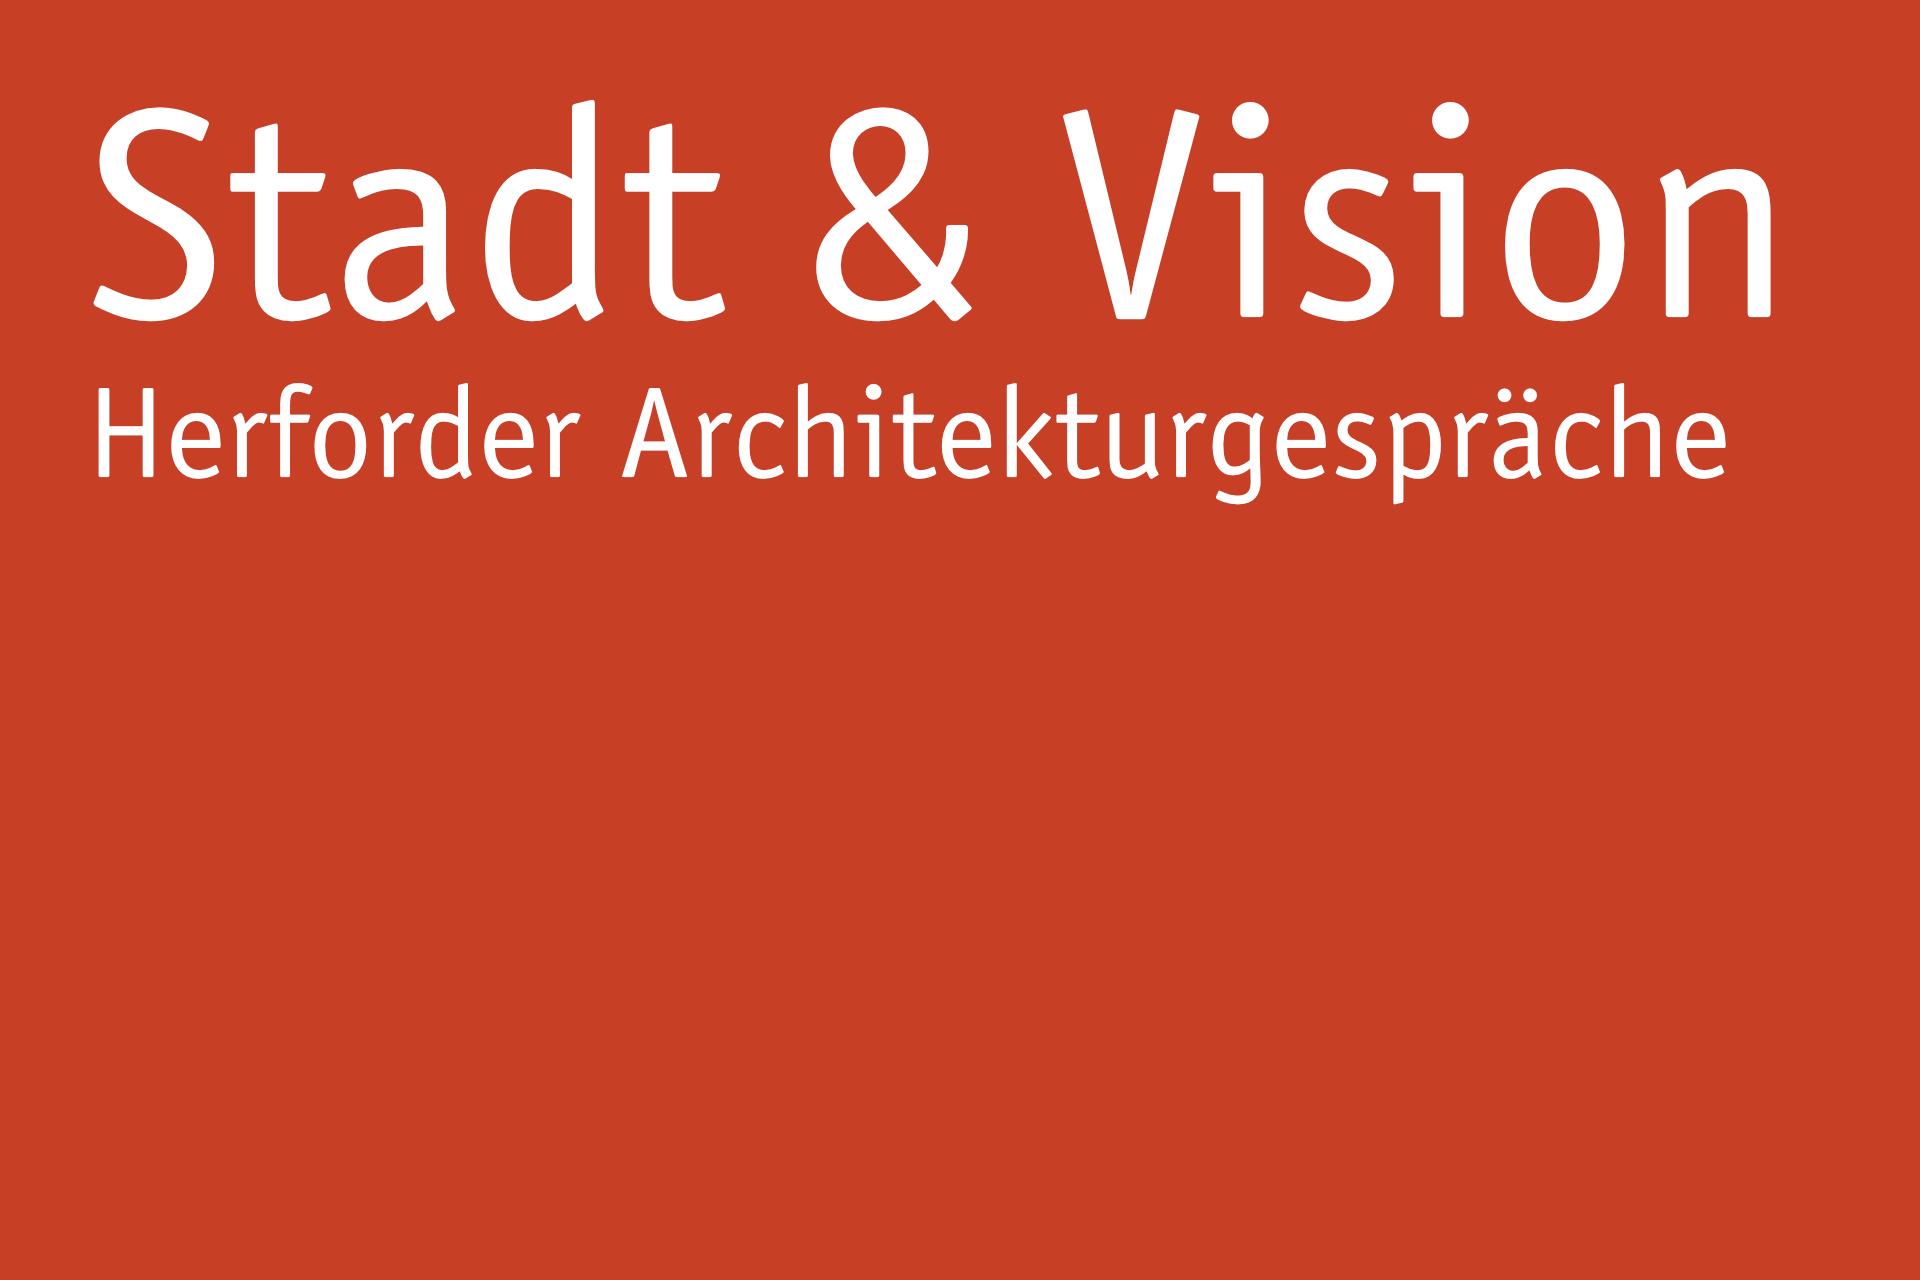 Stadt + Vision – Herforder Architekturgespräche: Charlotte Frank